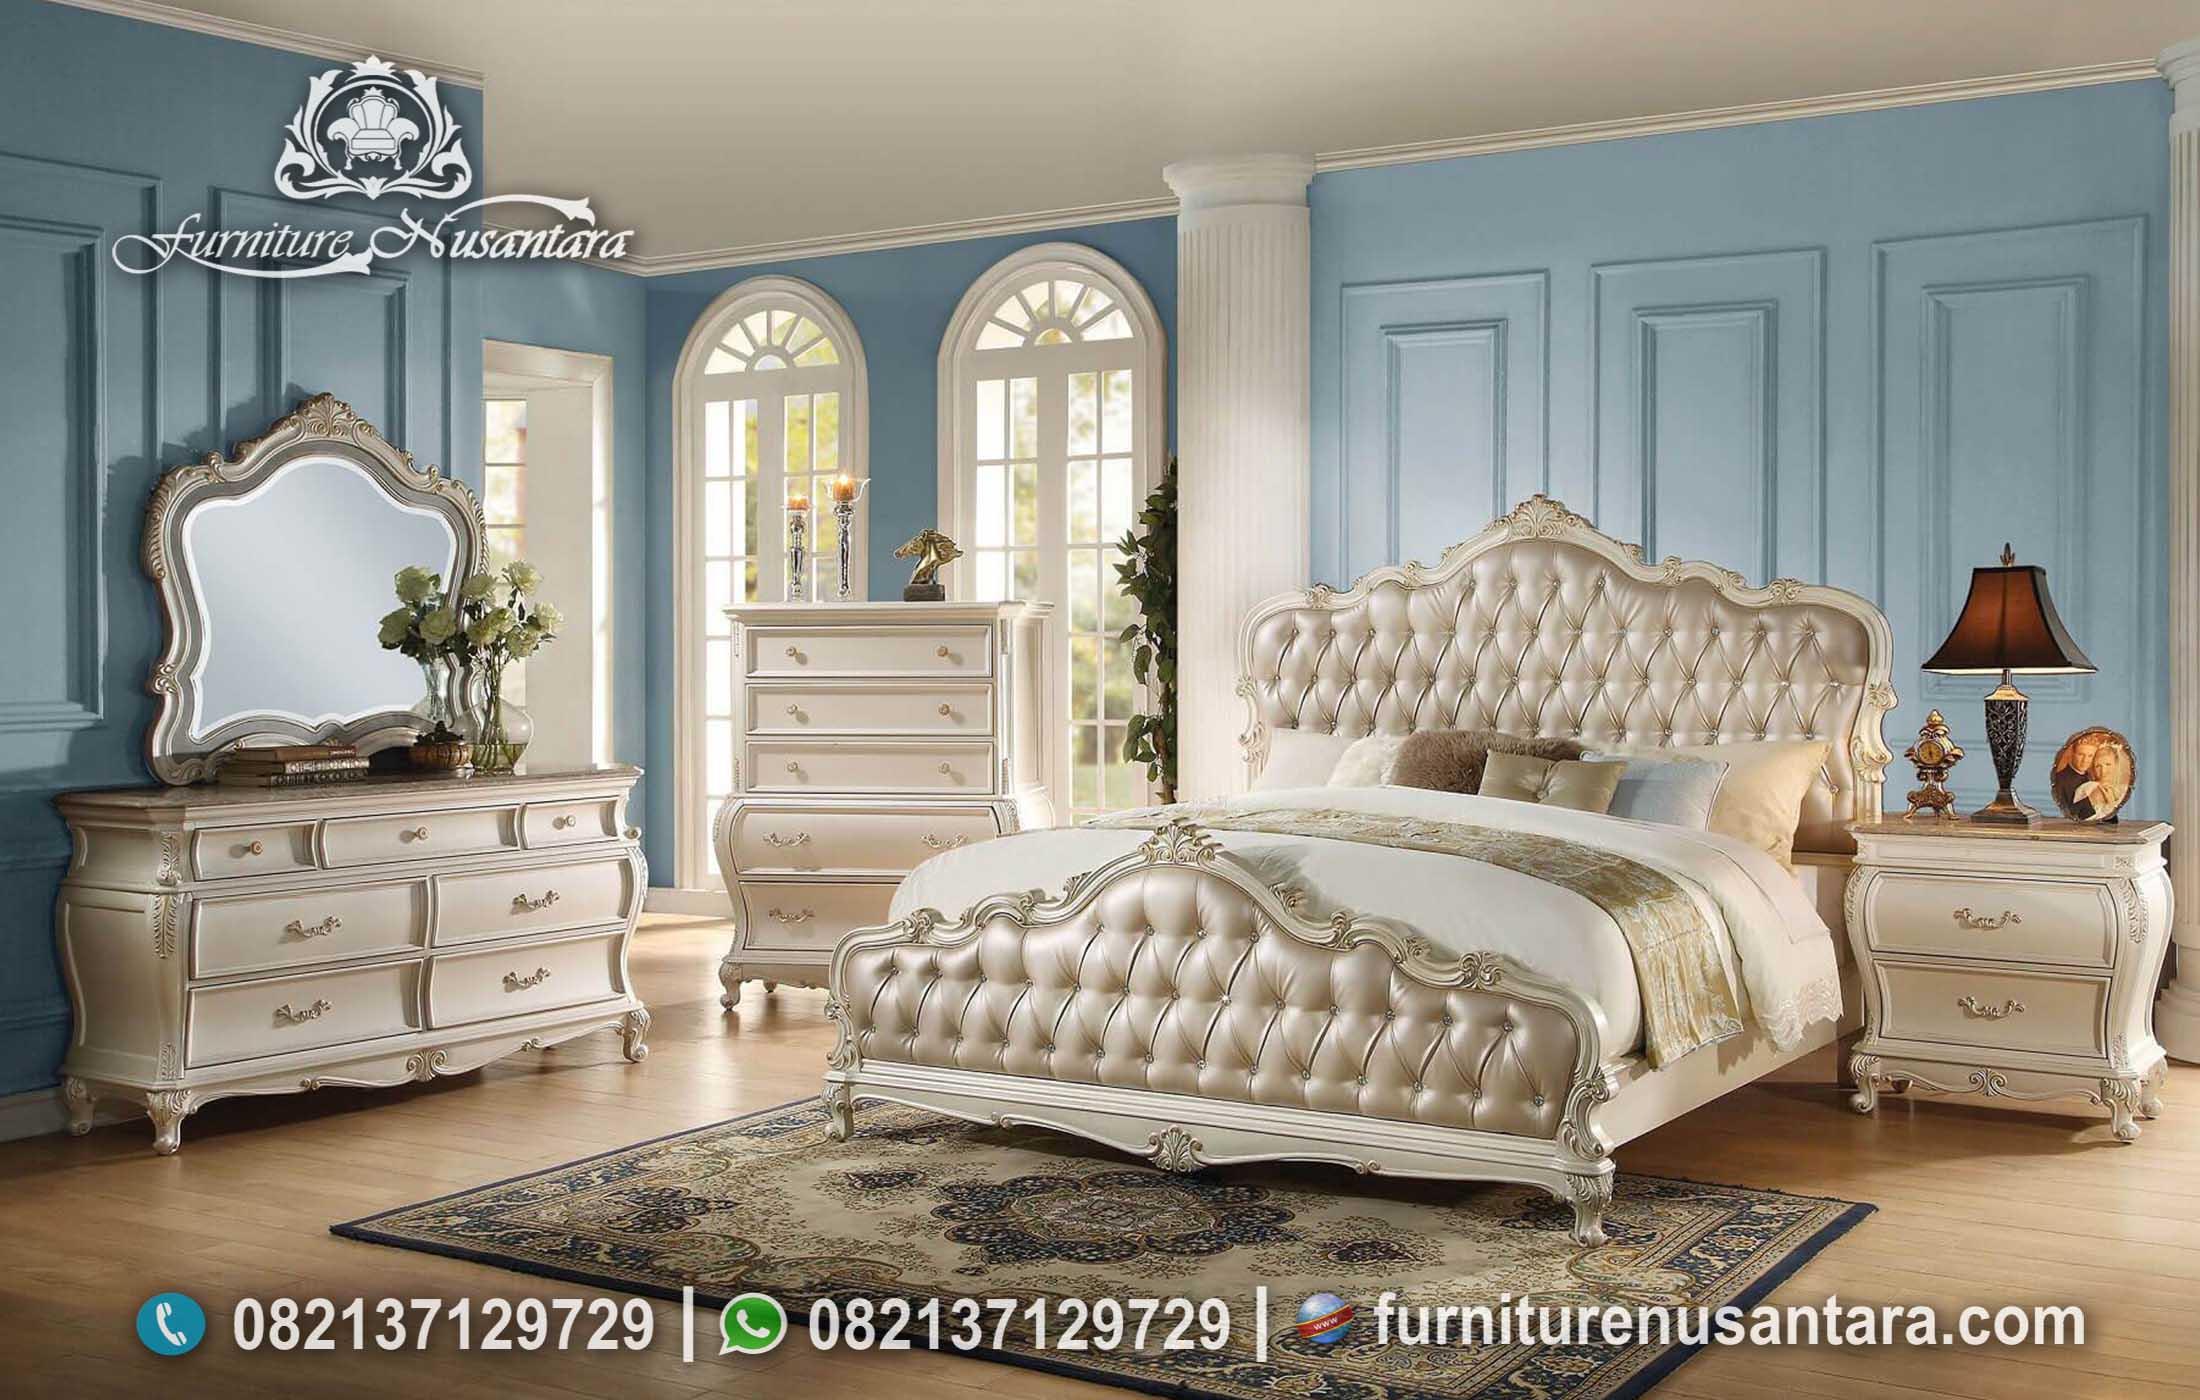 Desain Kamar Tidur Klasik Berkelas KS-143, FUrniture Nusantara